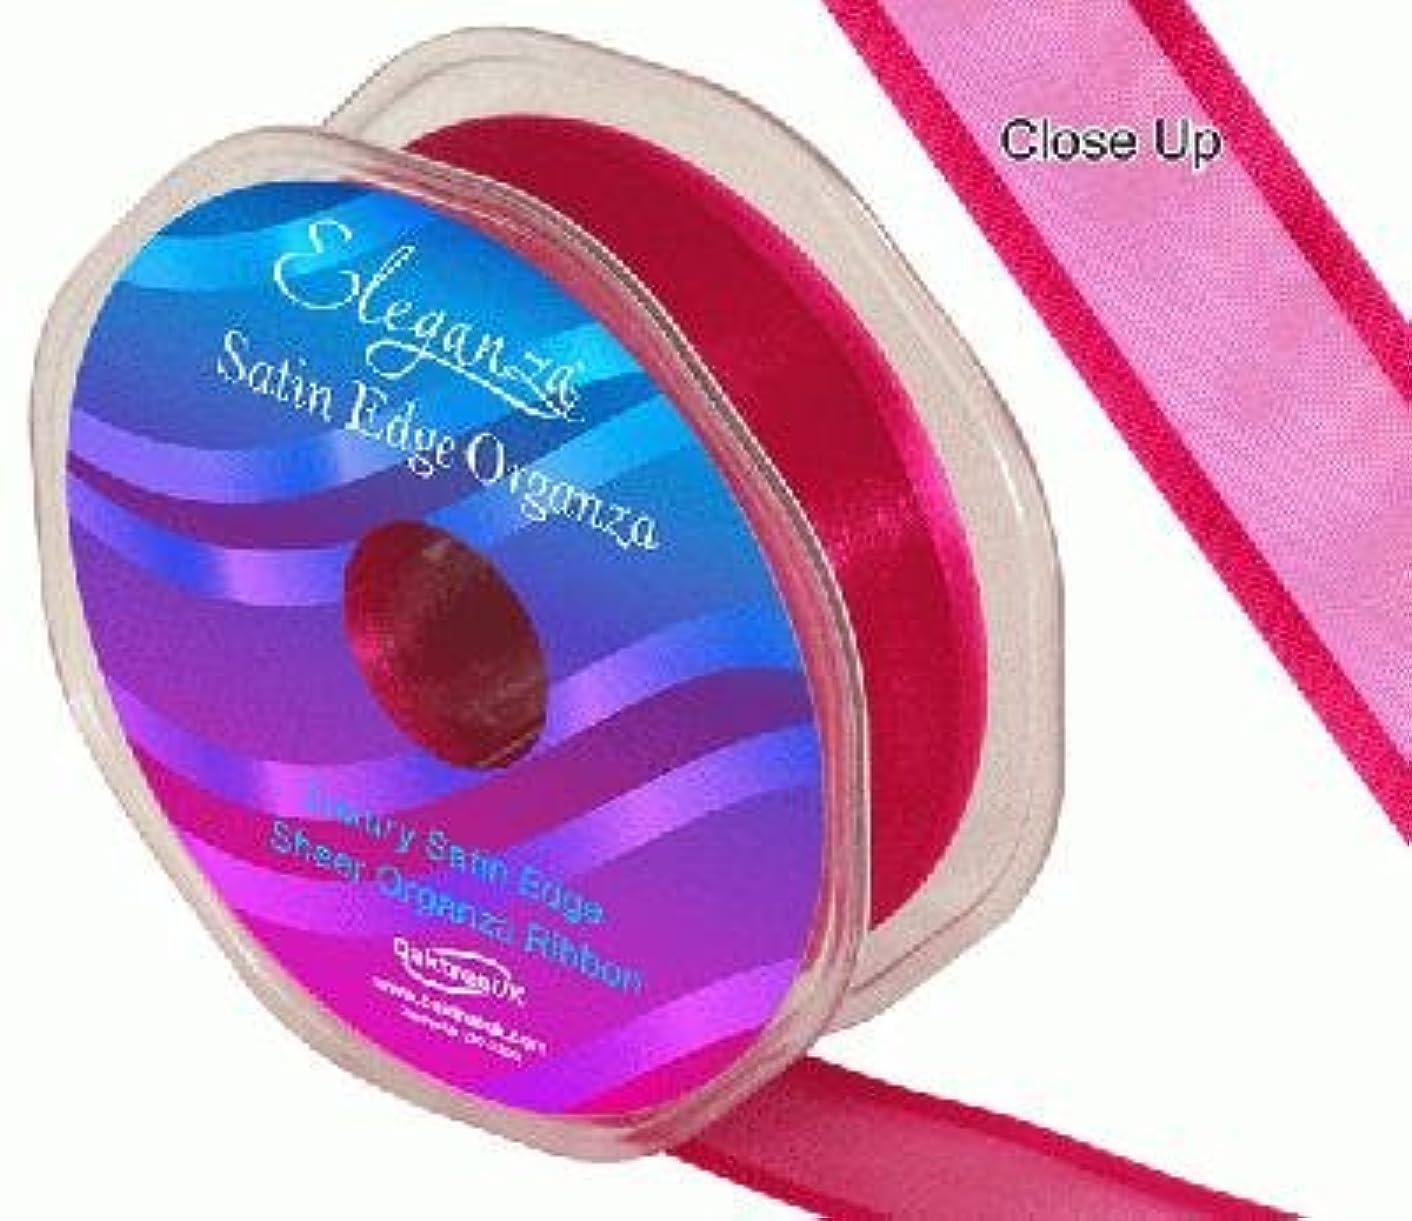 Eleganza 25 mm x 25 m Satin Edge Organza Ribbon Roll, Deep Cerise 30